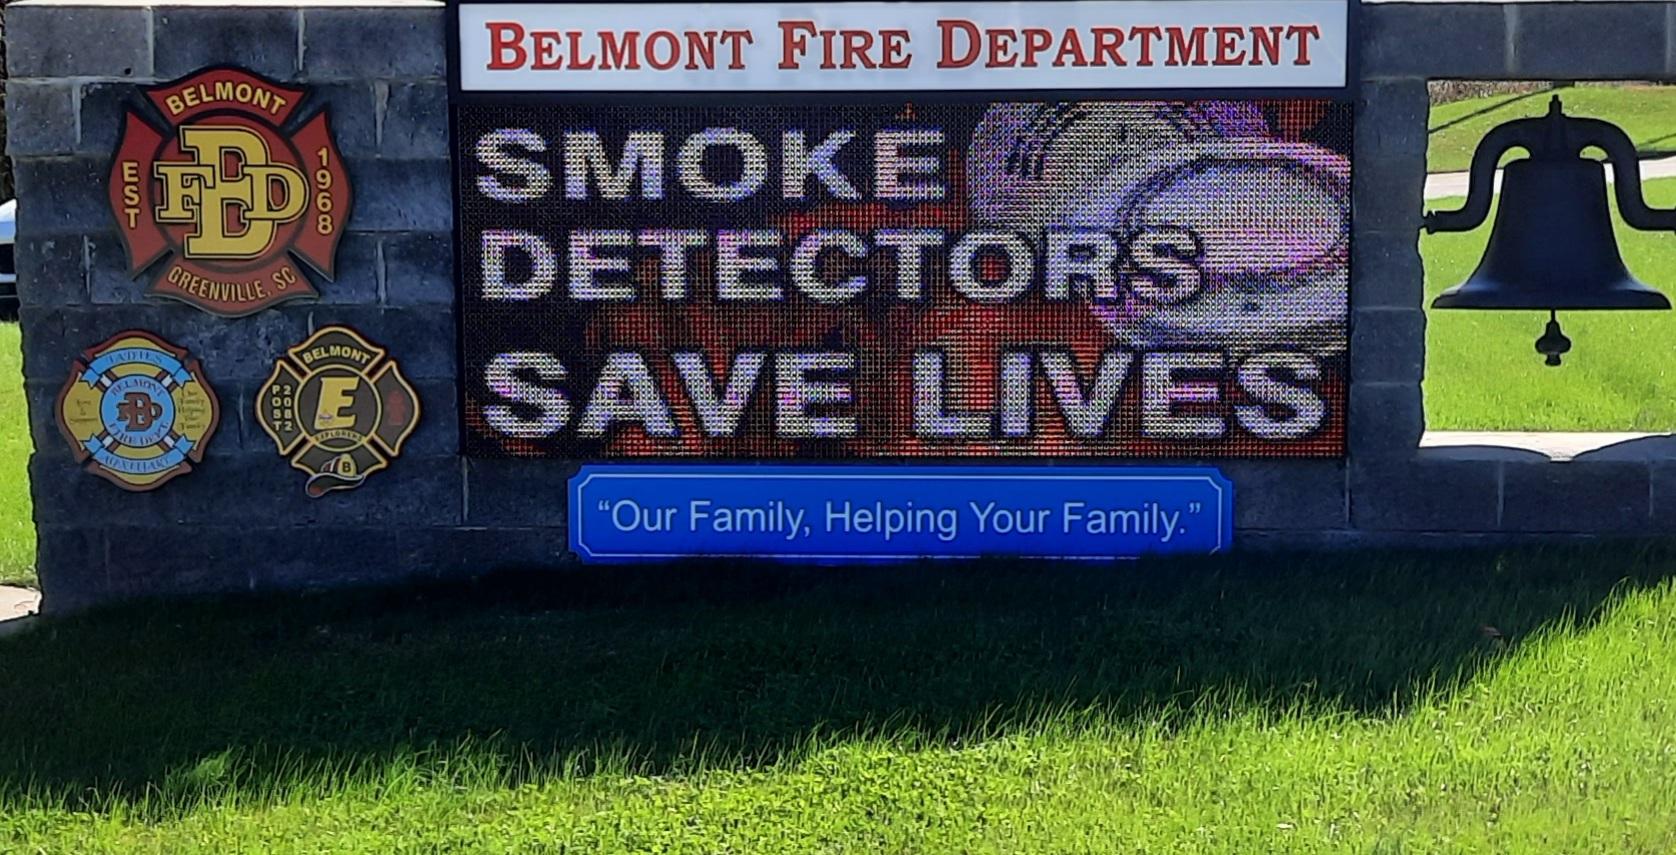 Belmont F.D